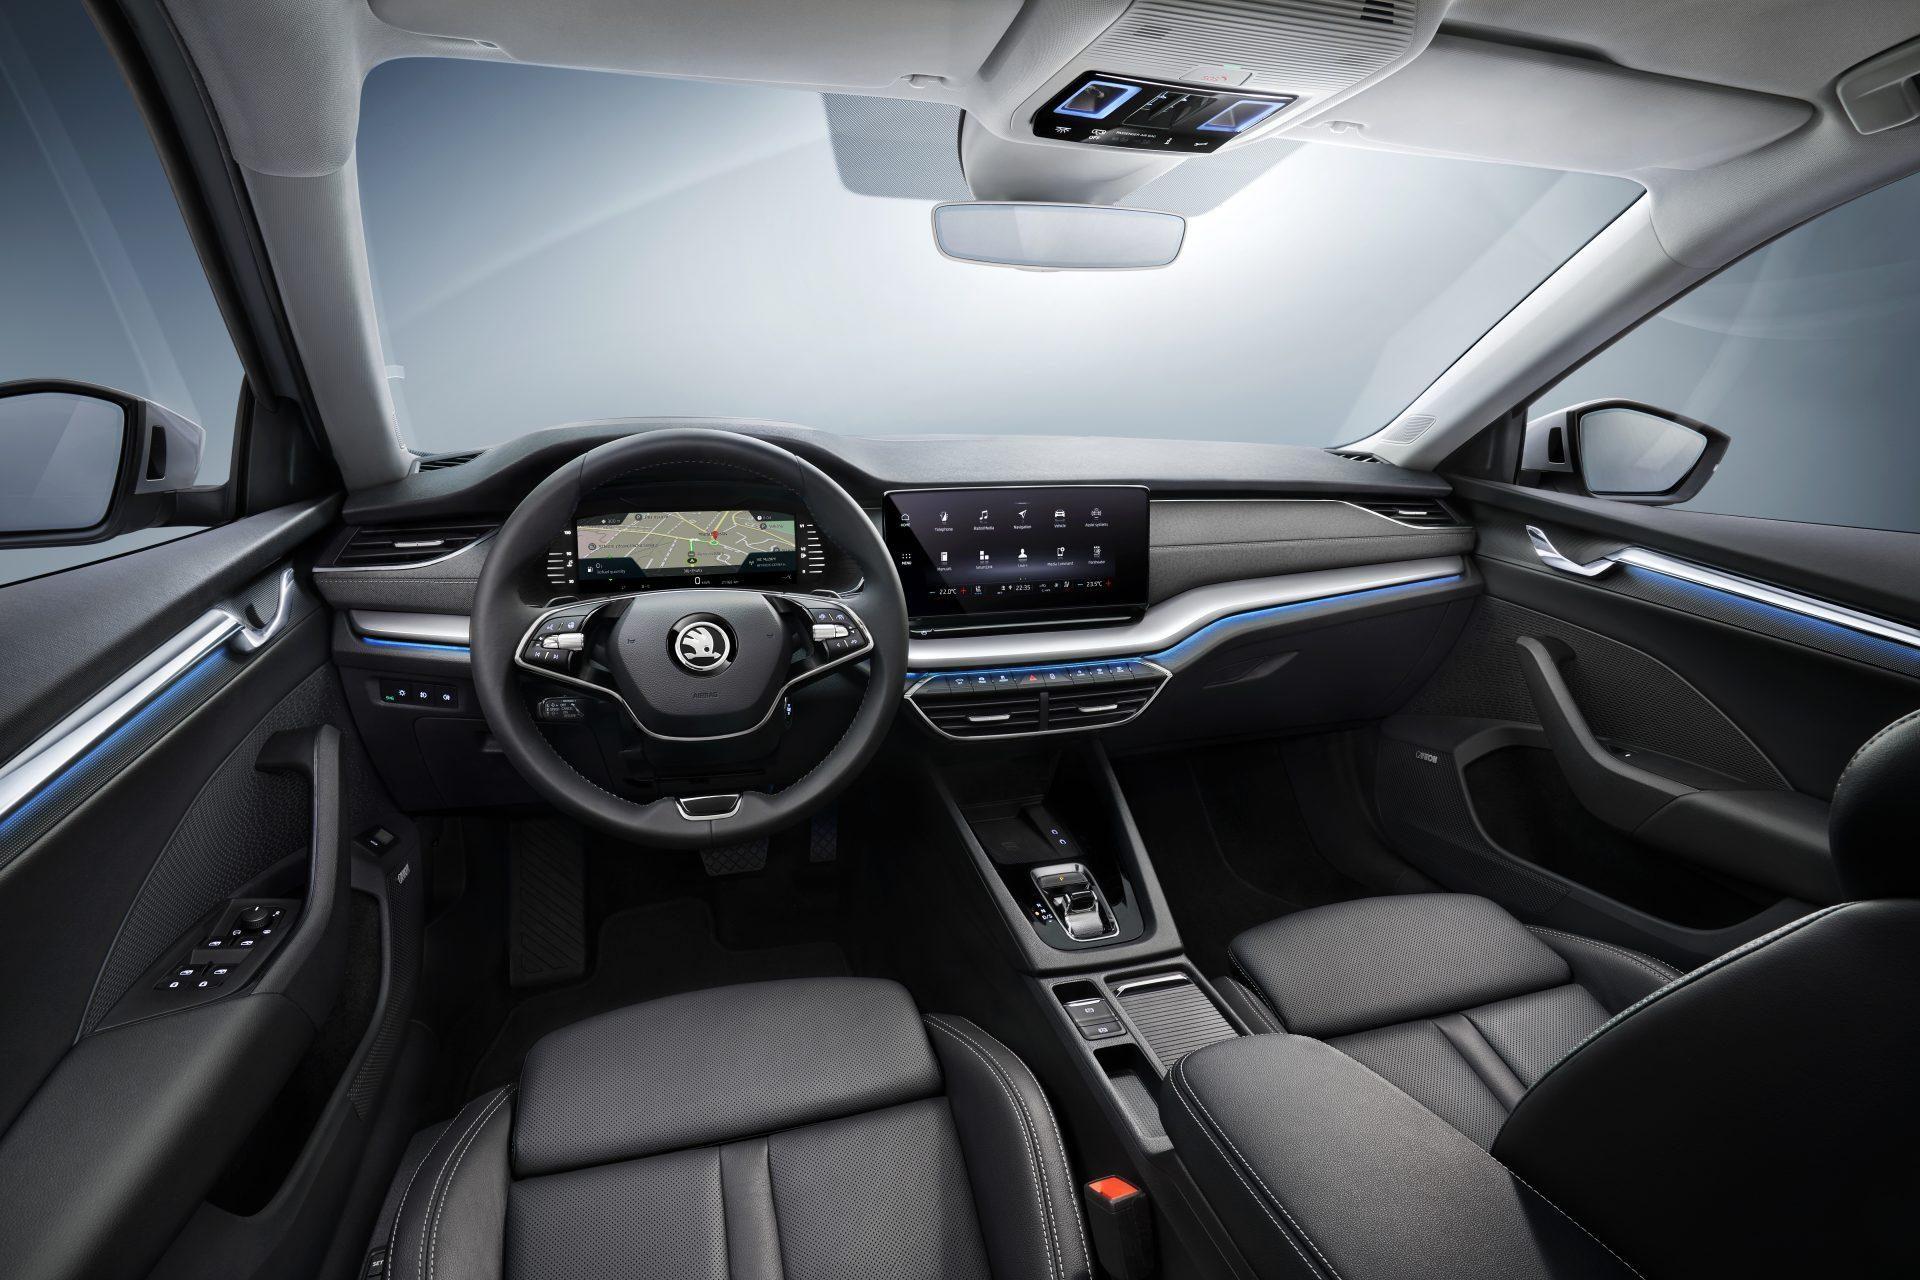 Skoda Octavia 2019 interior